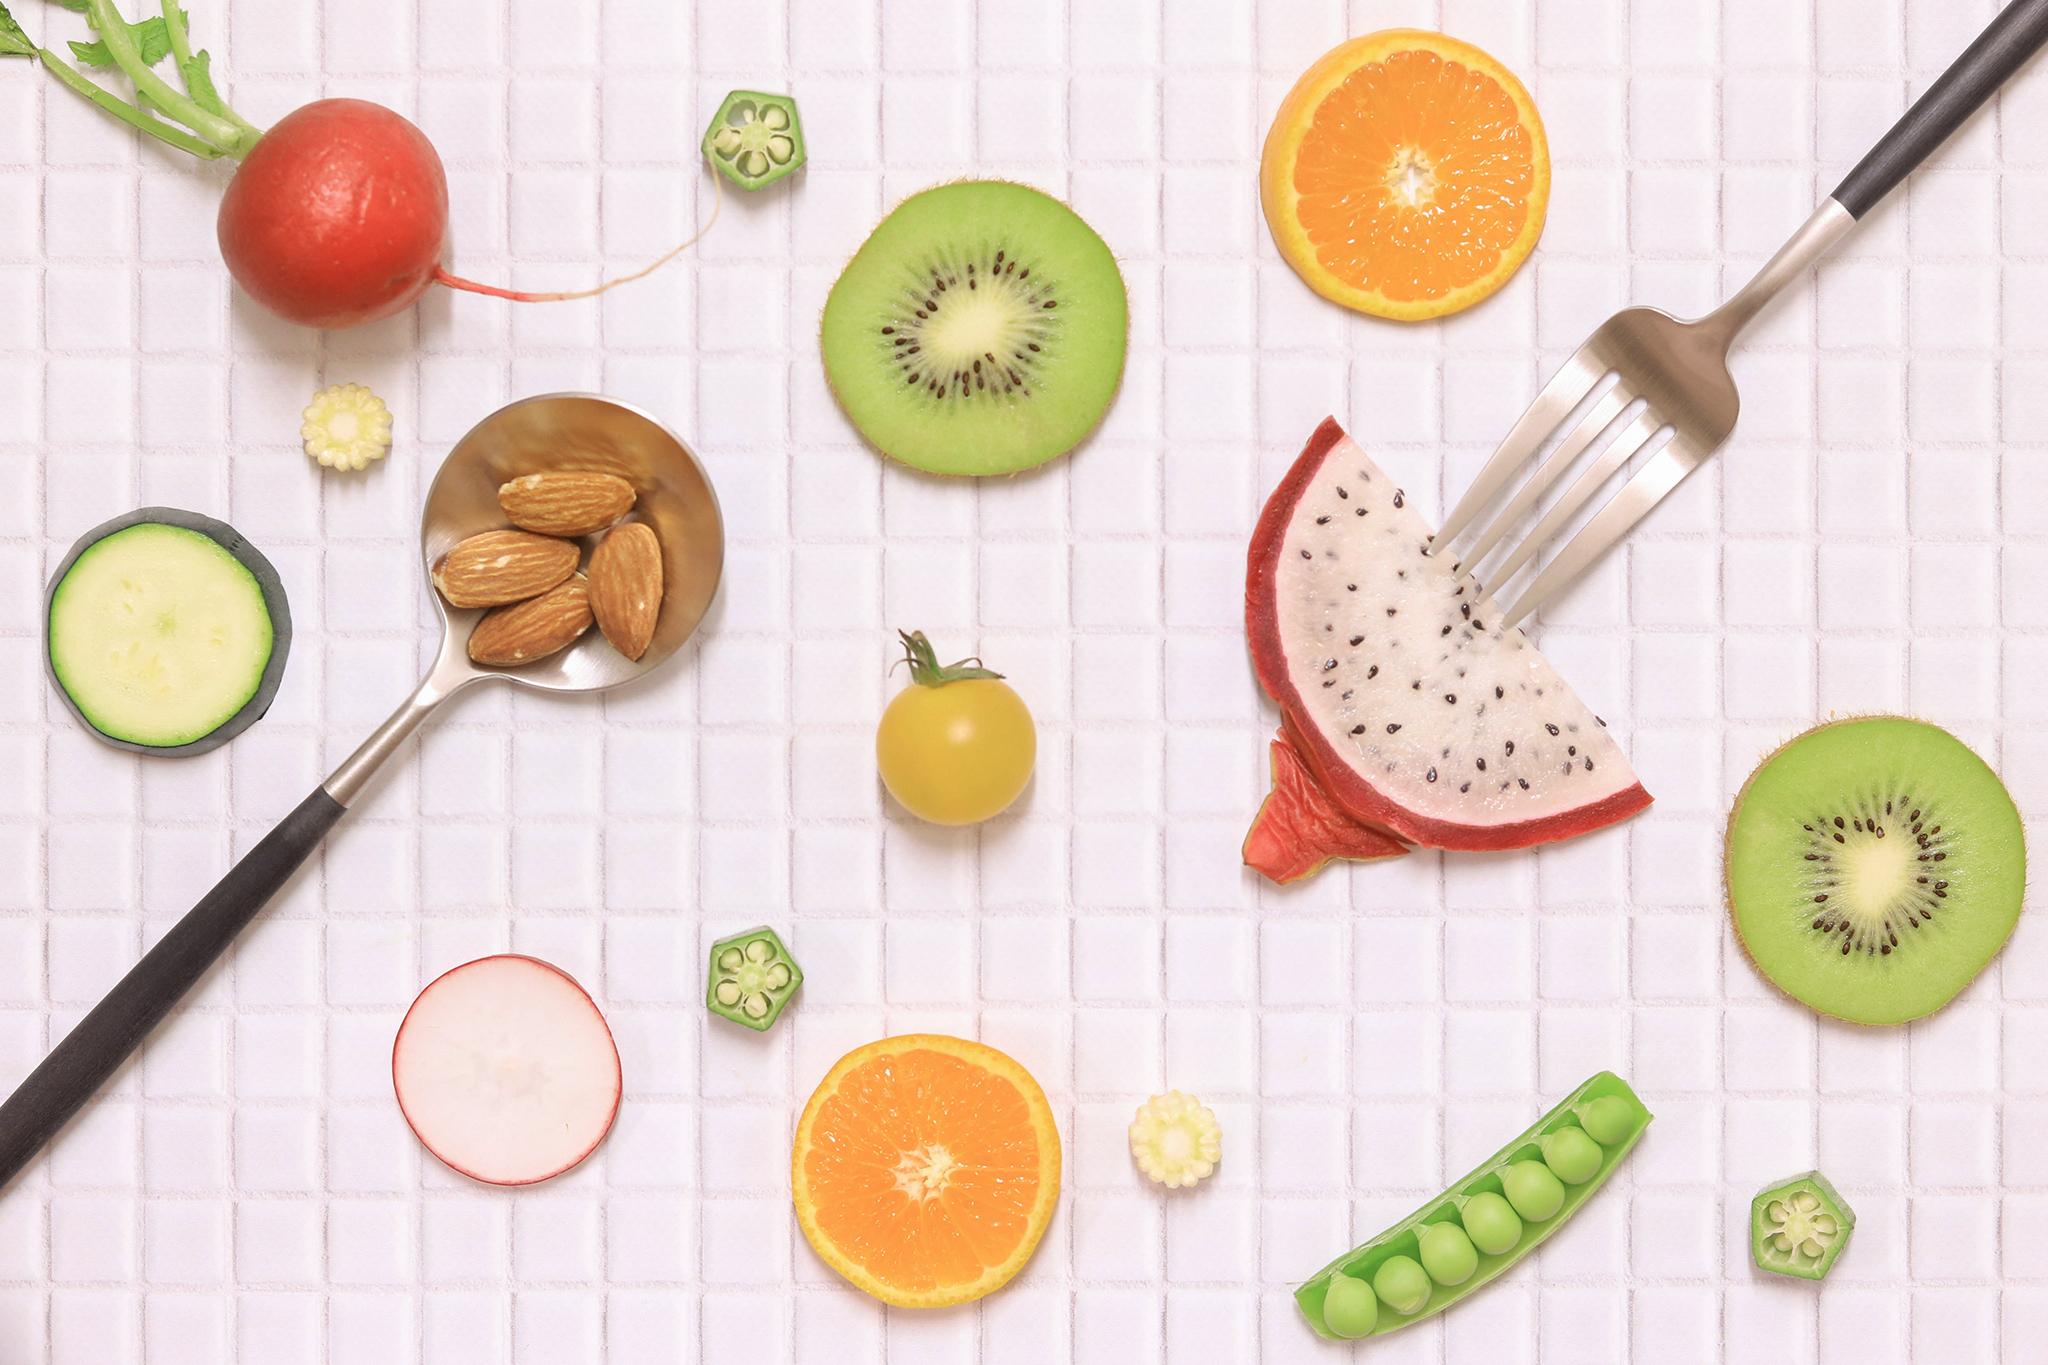 コストコで買うべきダイエット食品21選!これで糖質制限できる!